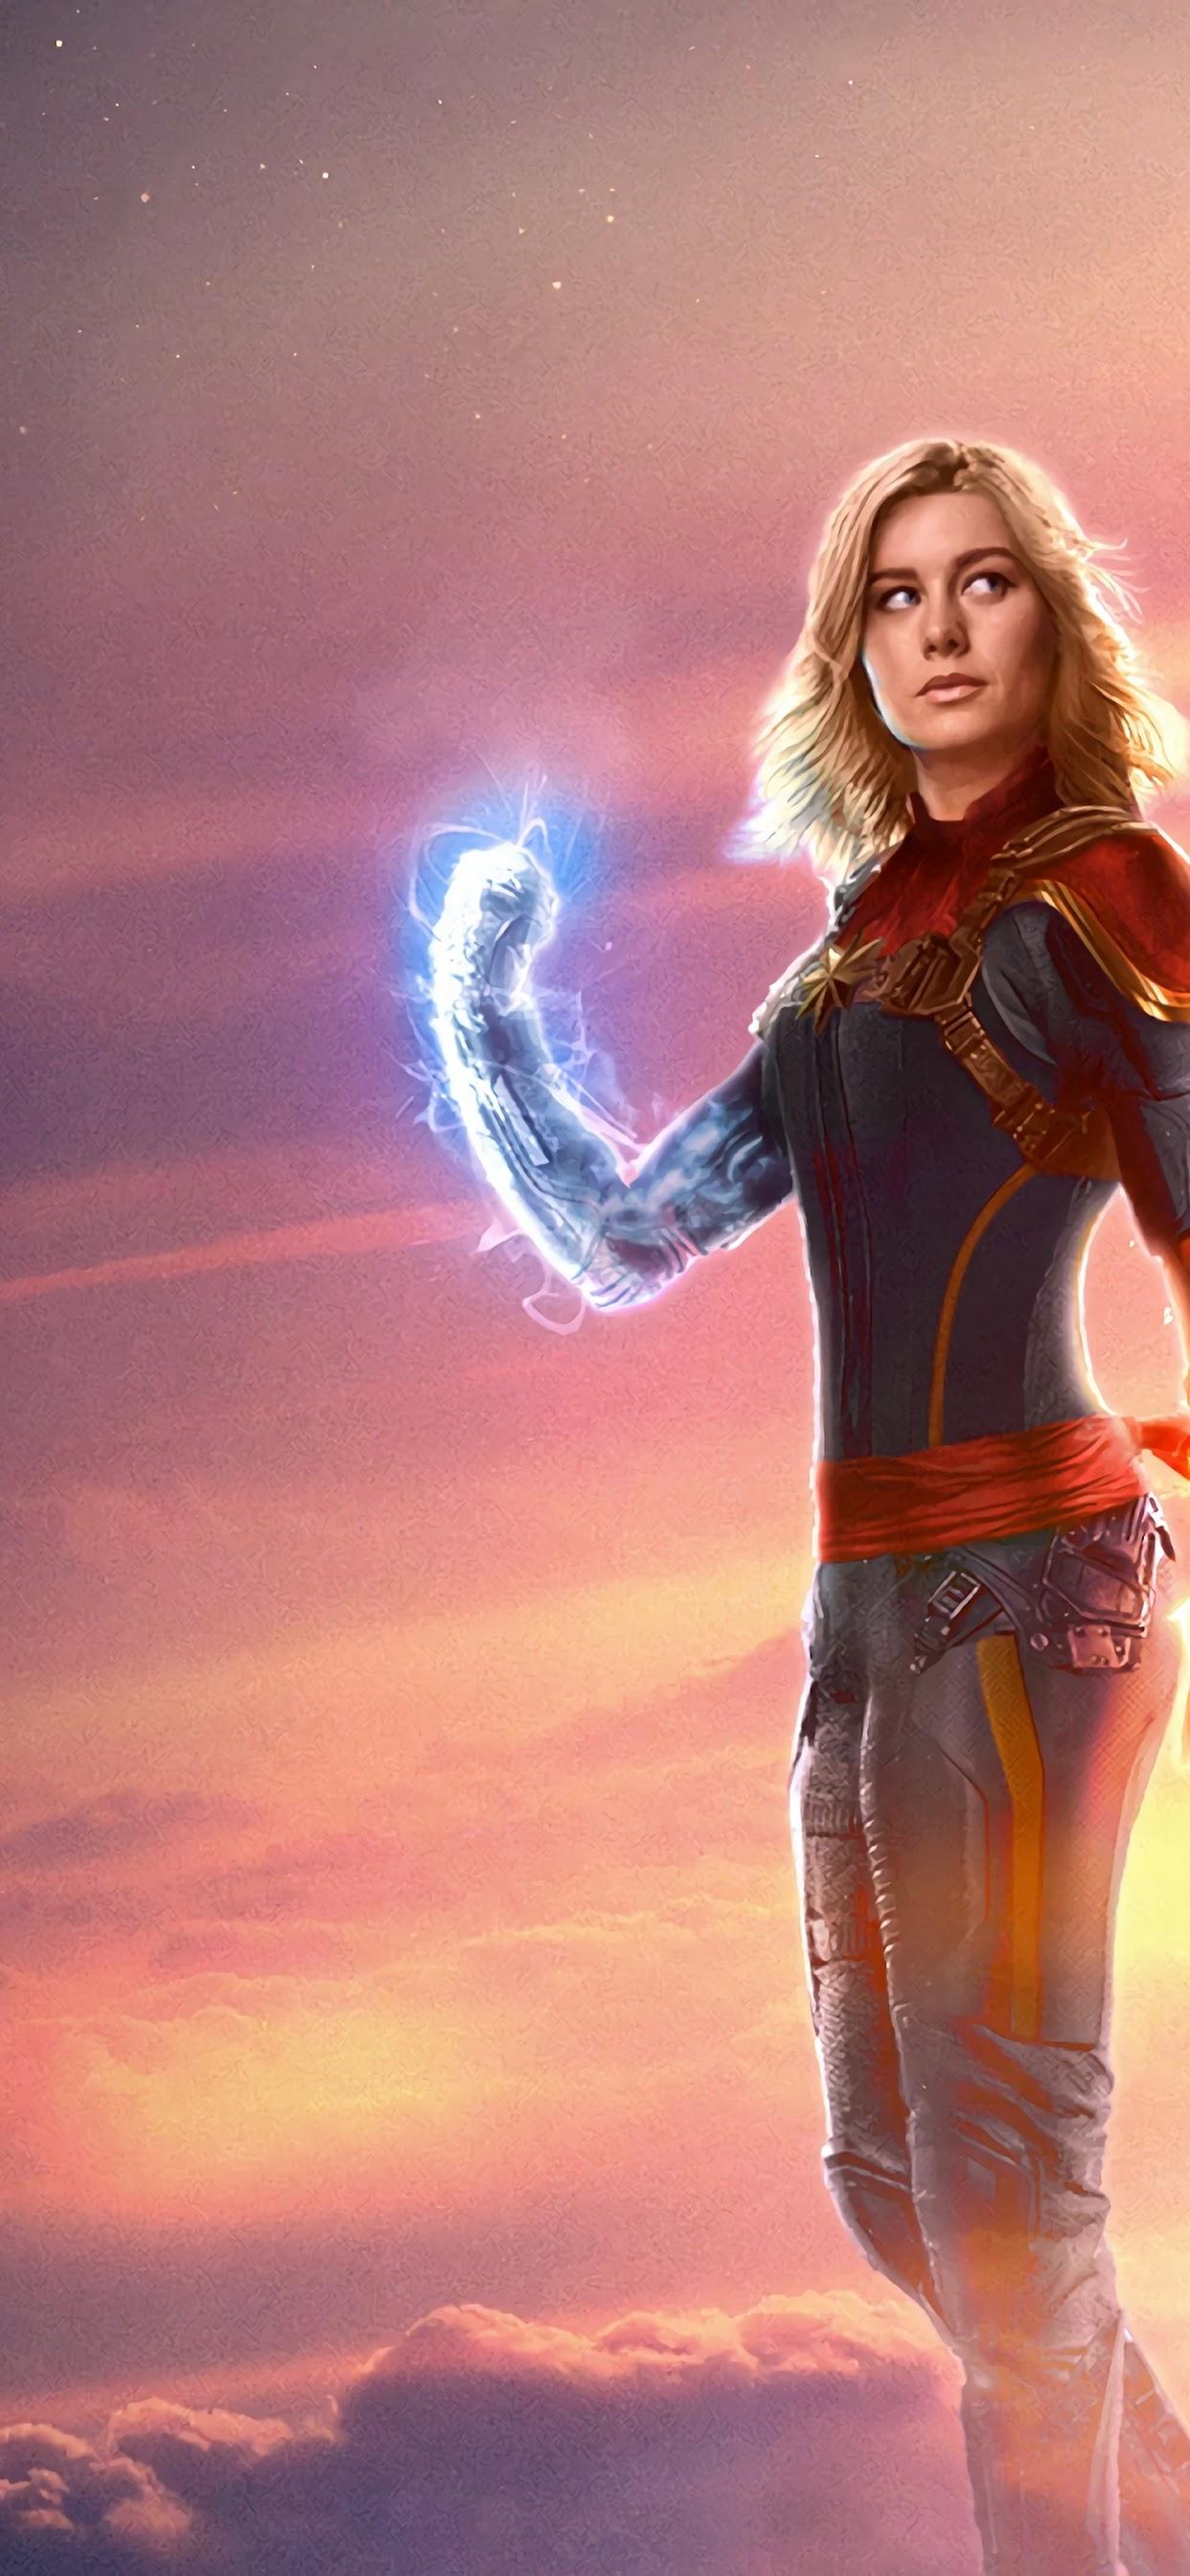 Captain Marvel Movie Brie Larson 4k Wallpaper 27